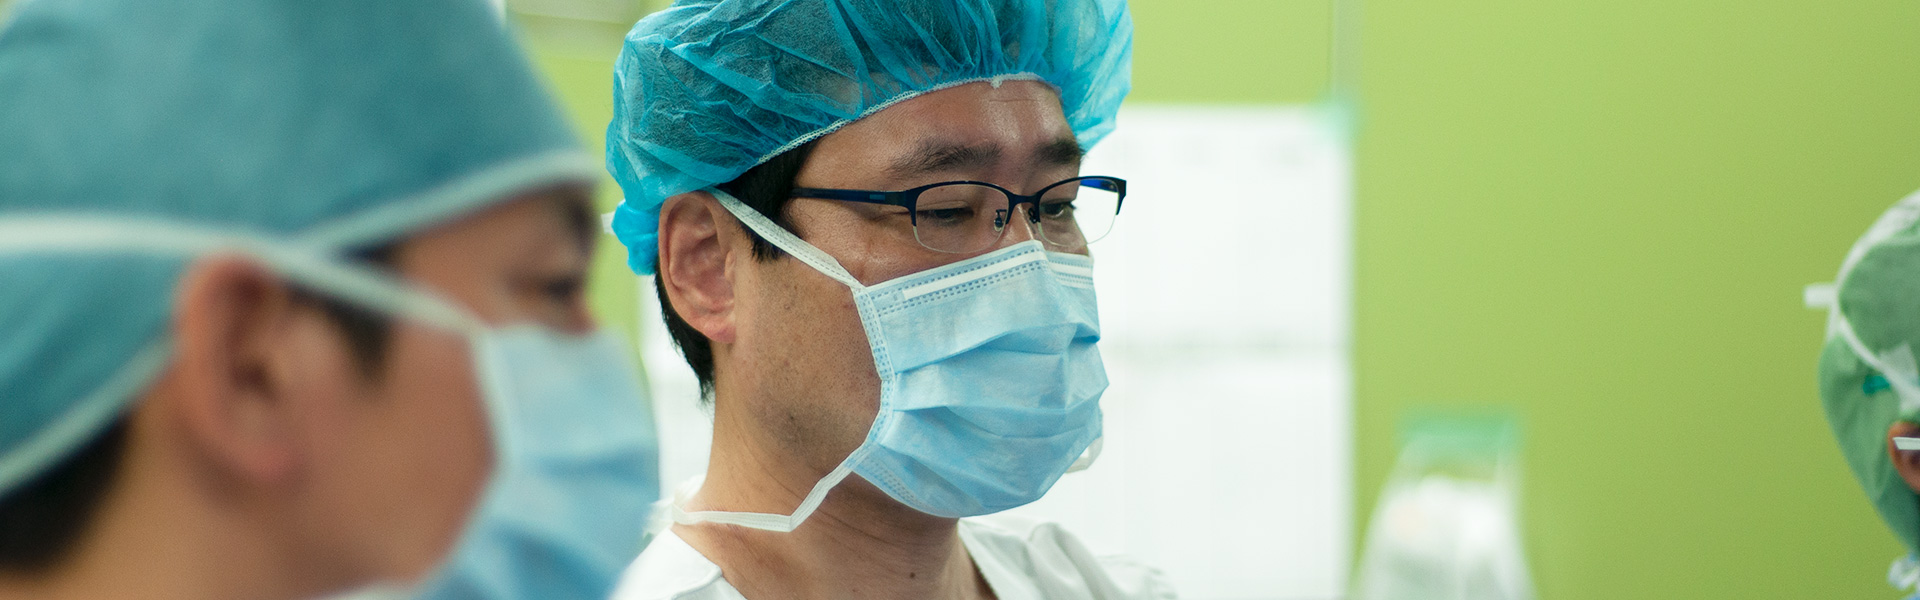 肝胆膵外科